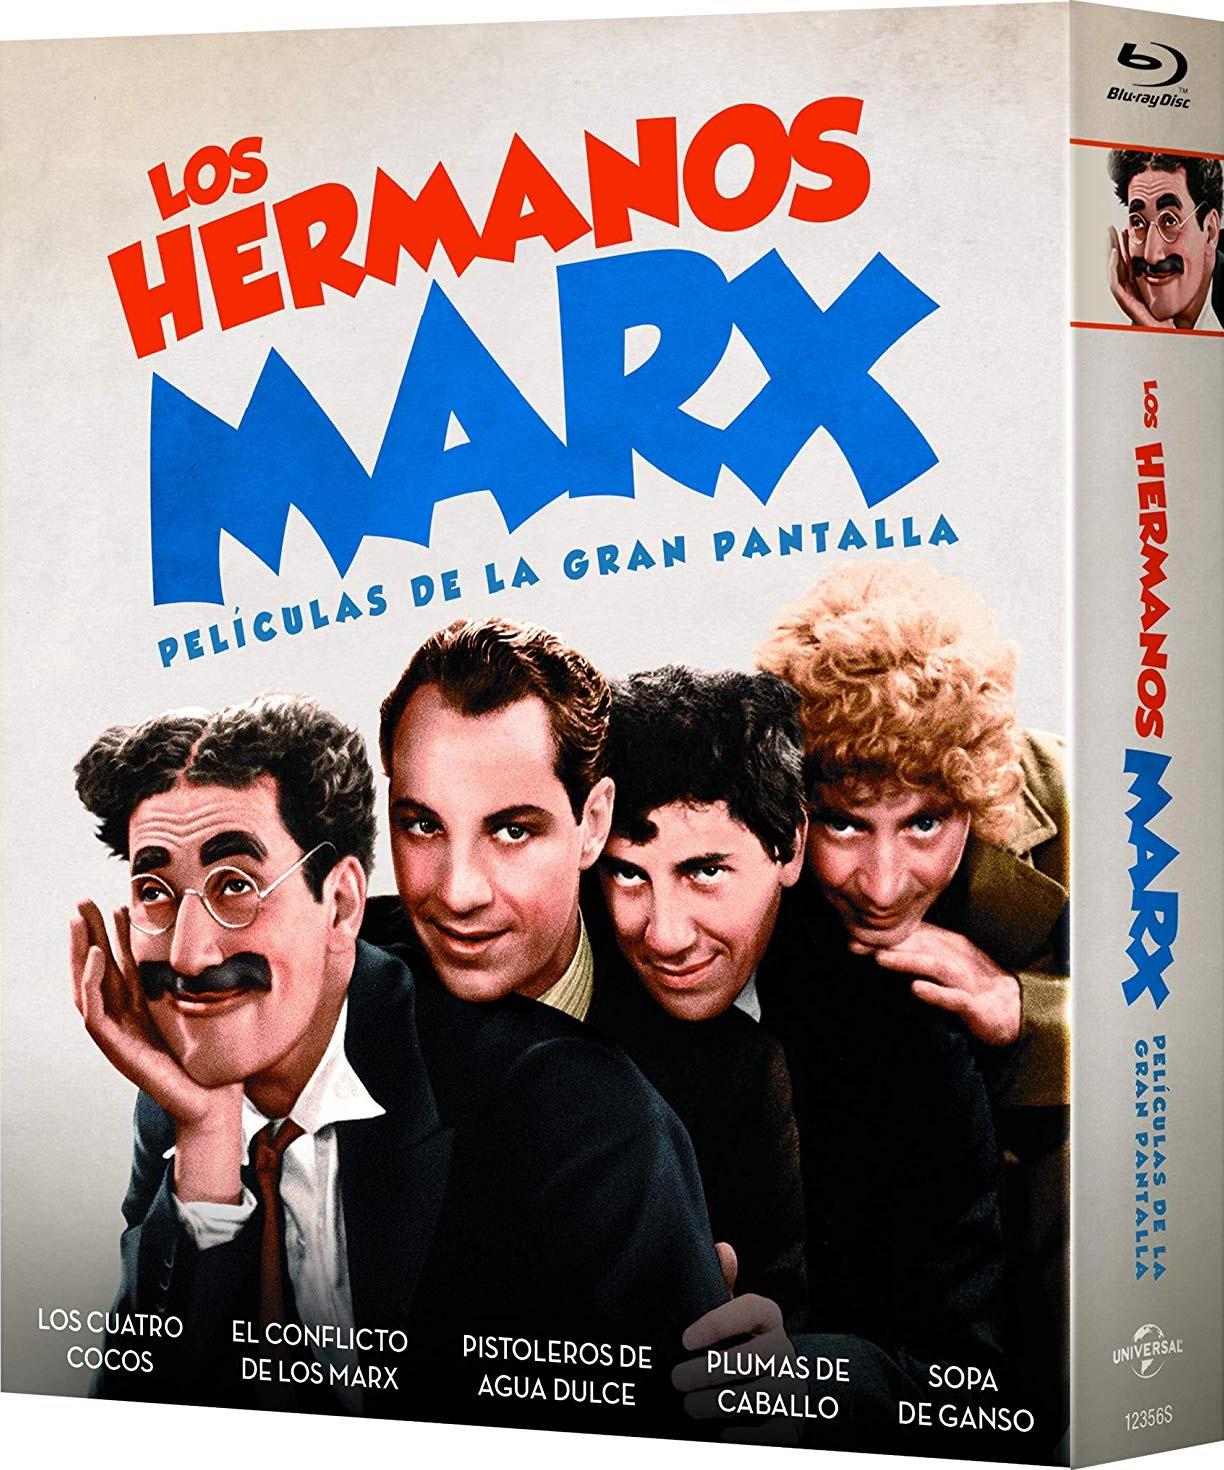 The Marx Brothers aka Los hermanos Marx - Películas de la gran pantalla Spanish Blu-ray set